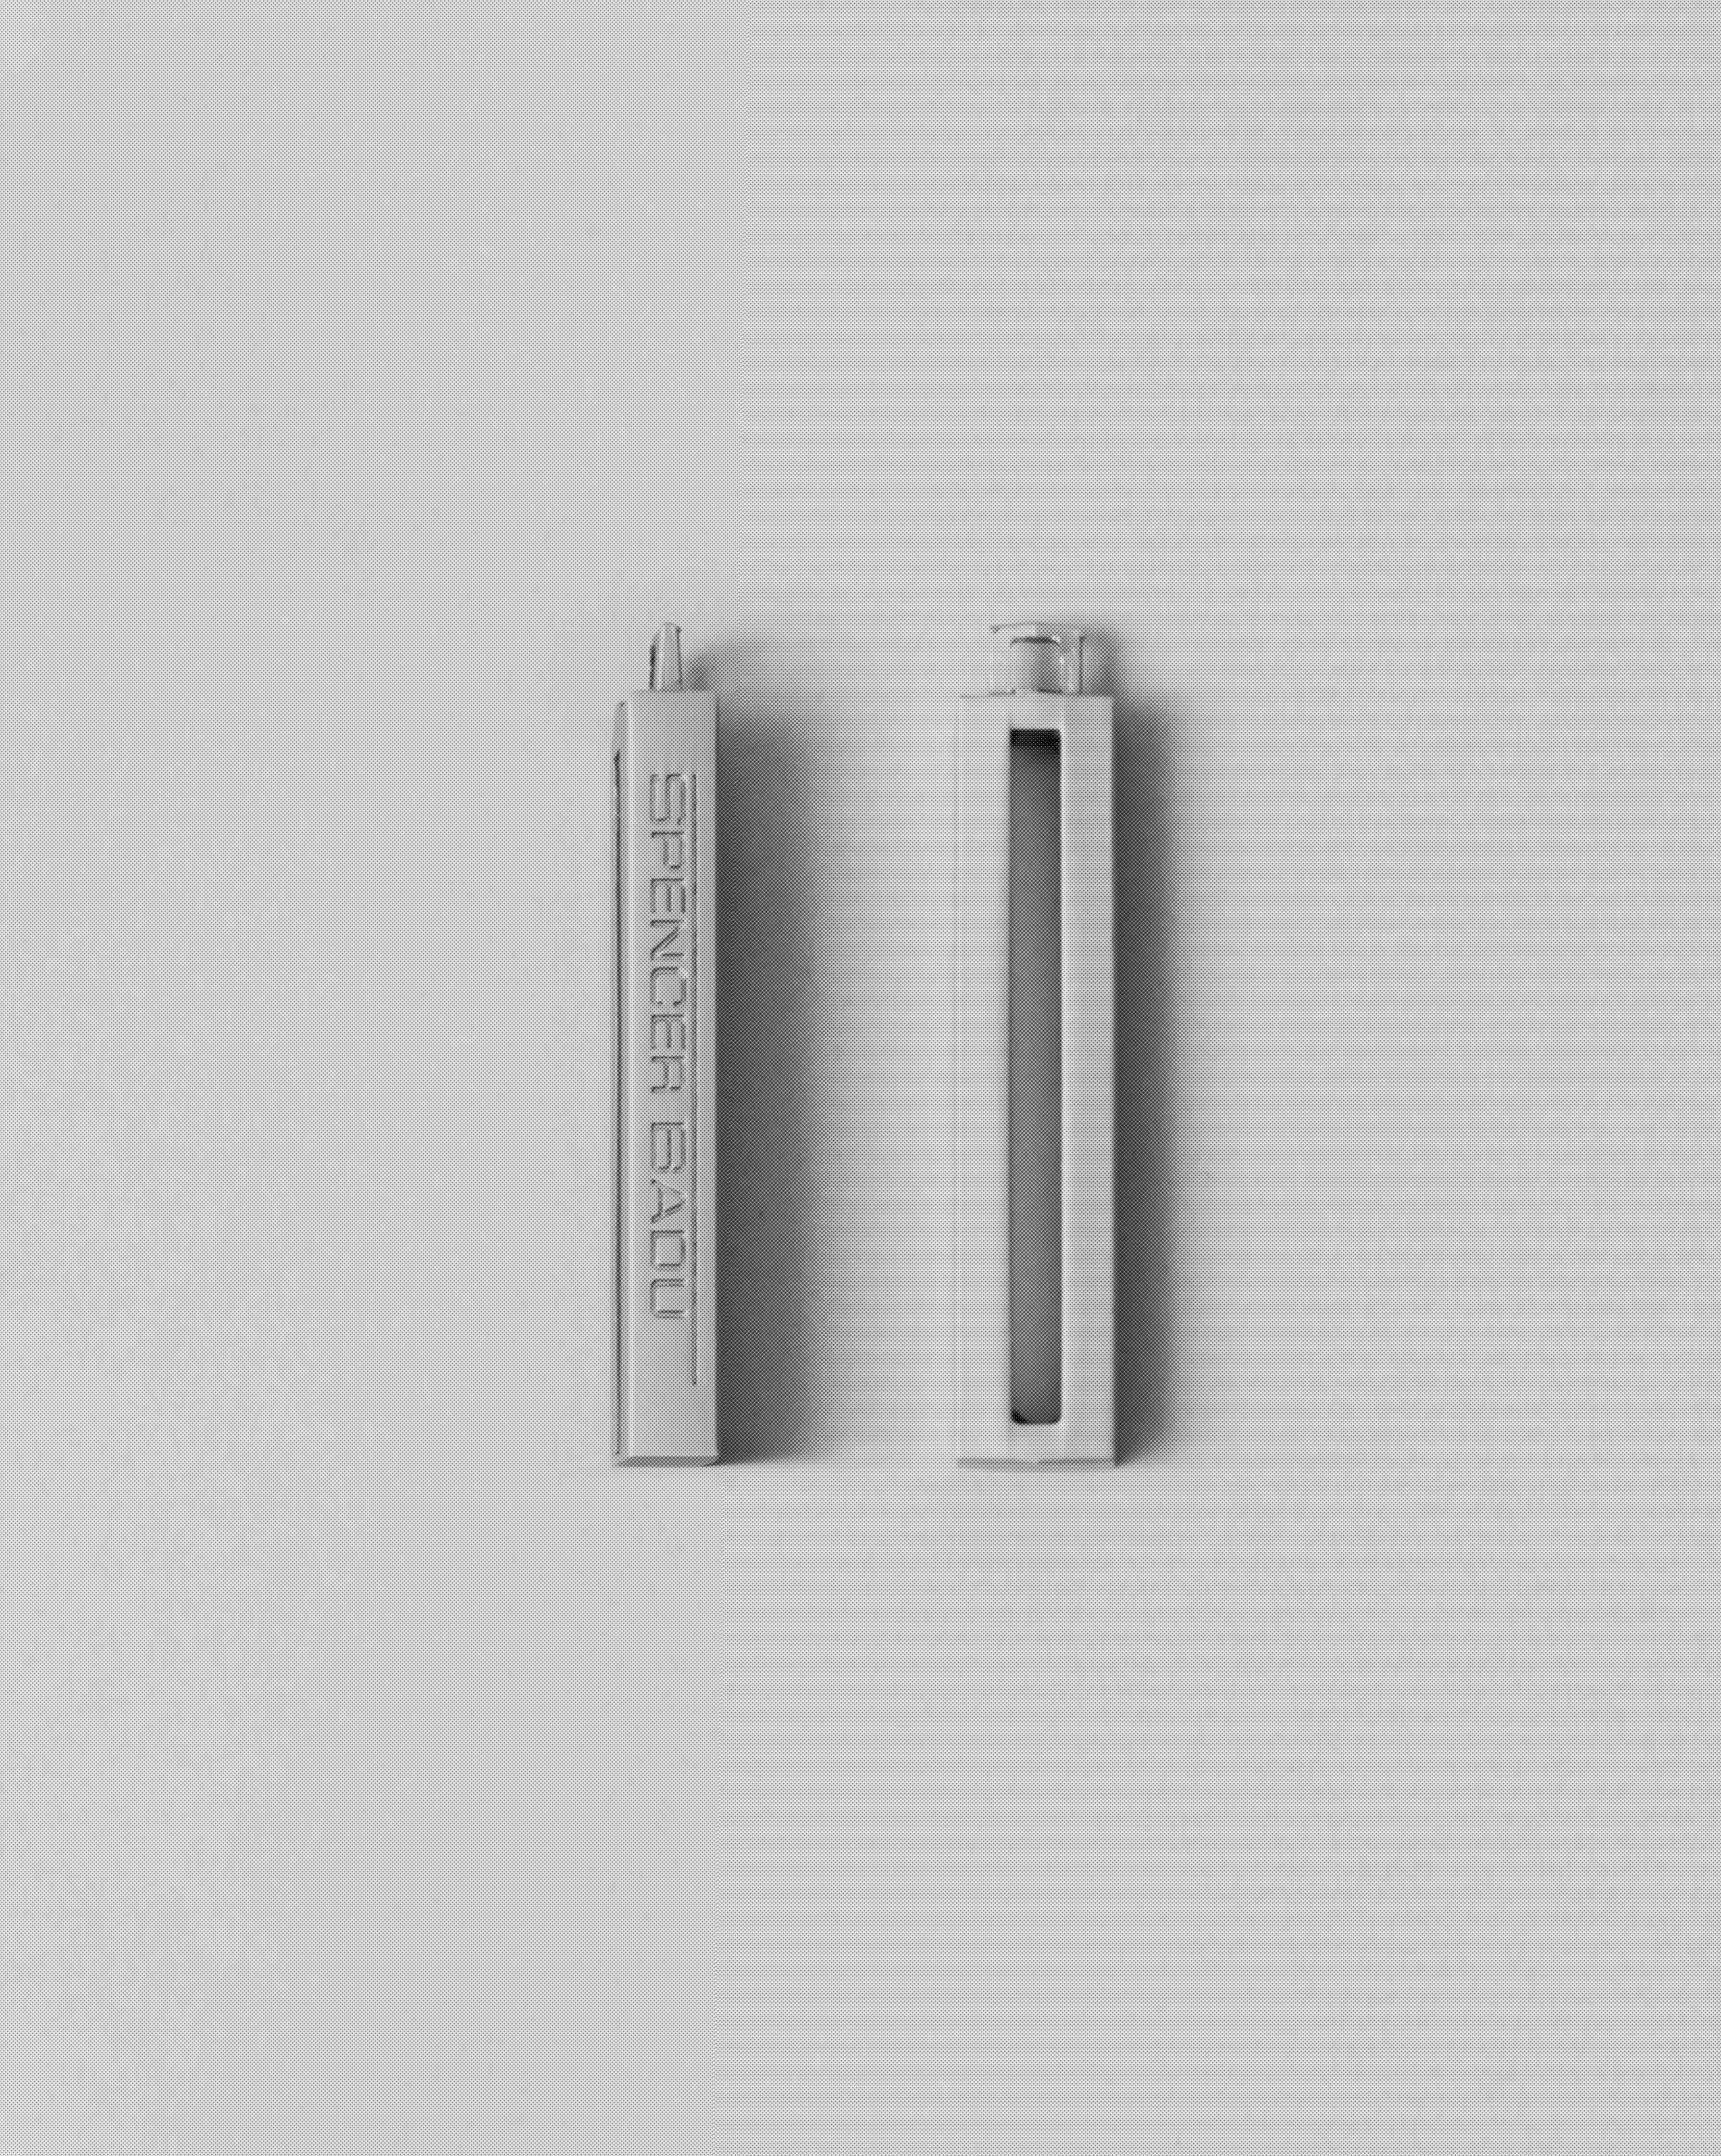 Branding on hardware